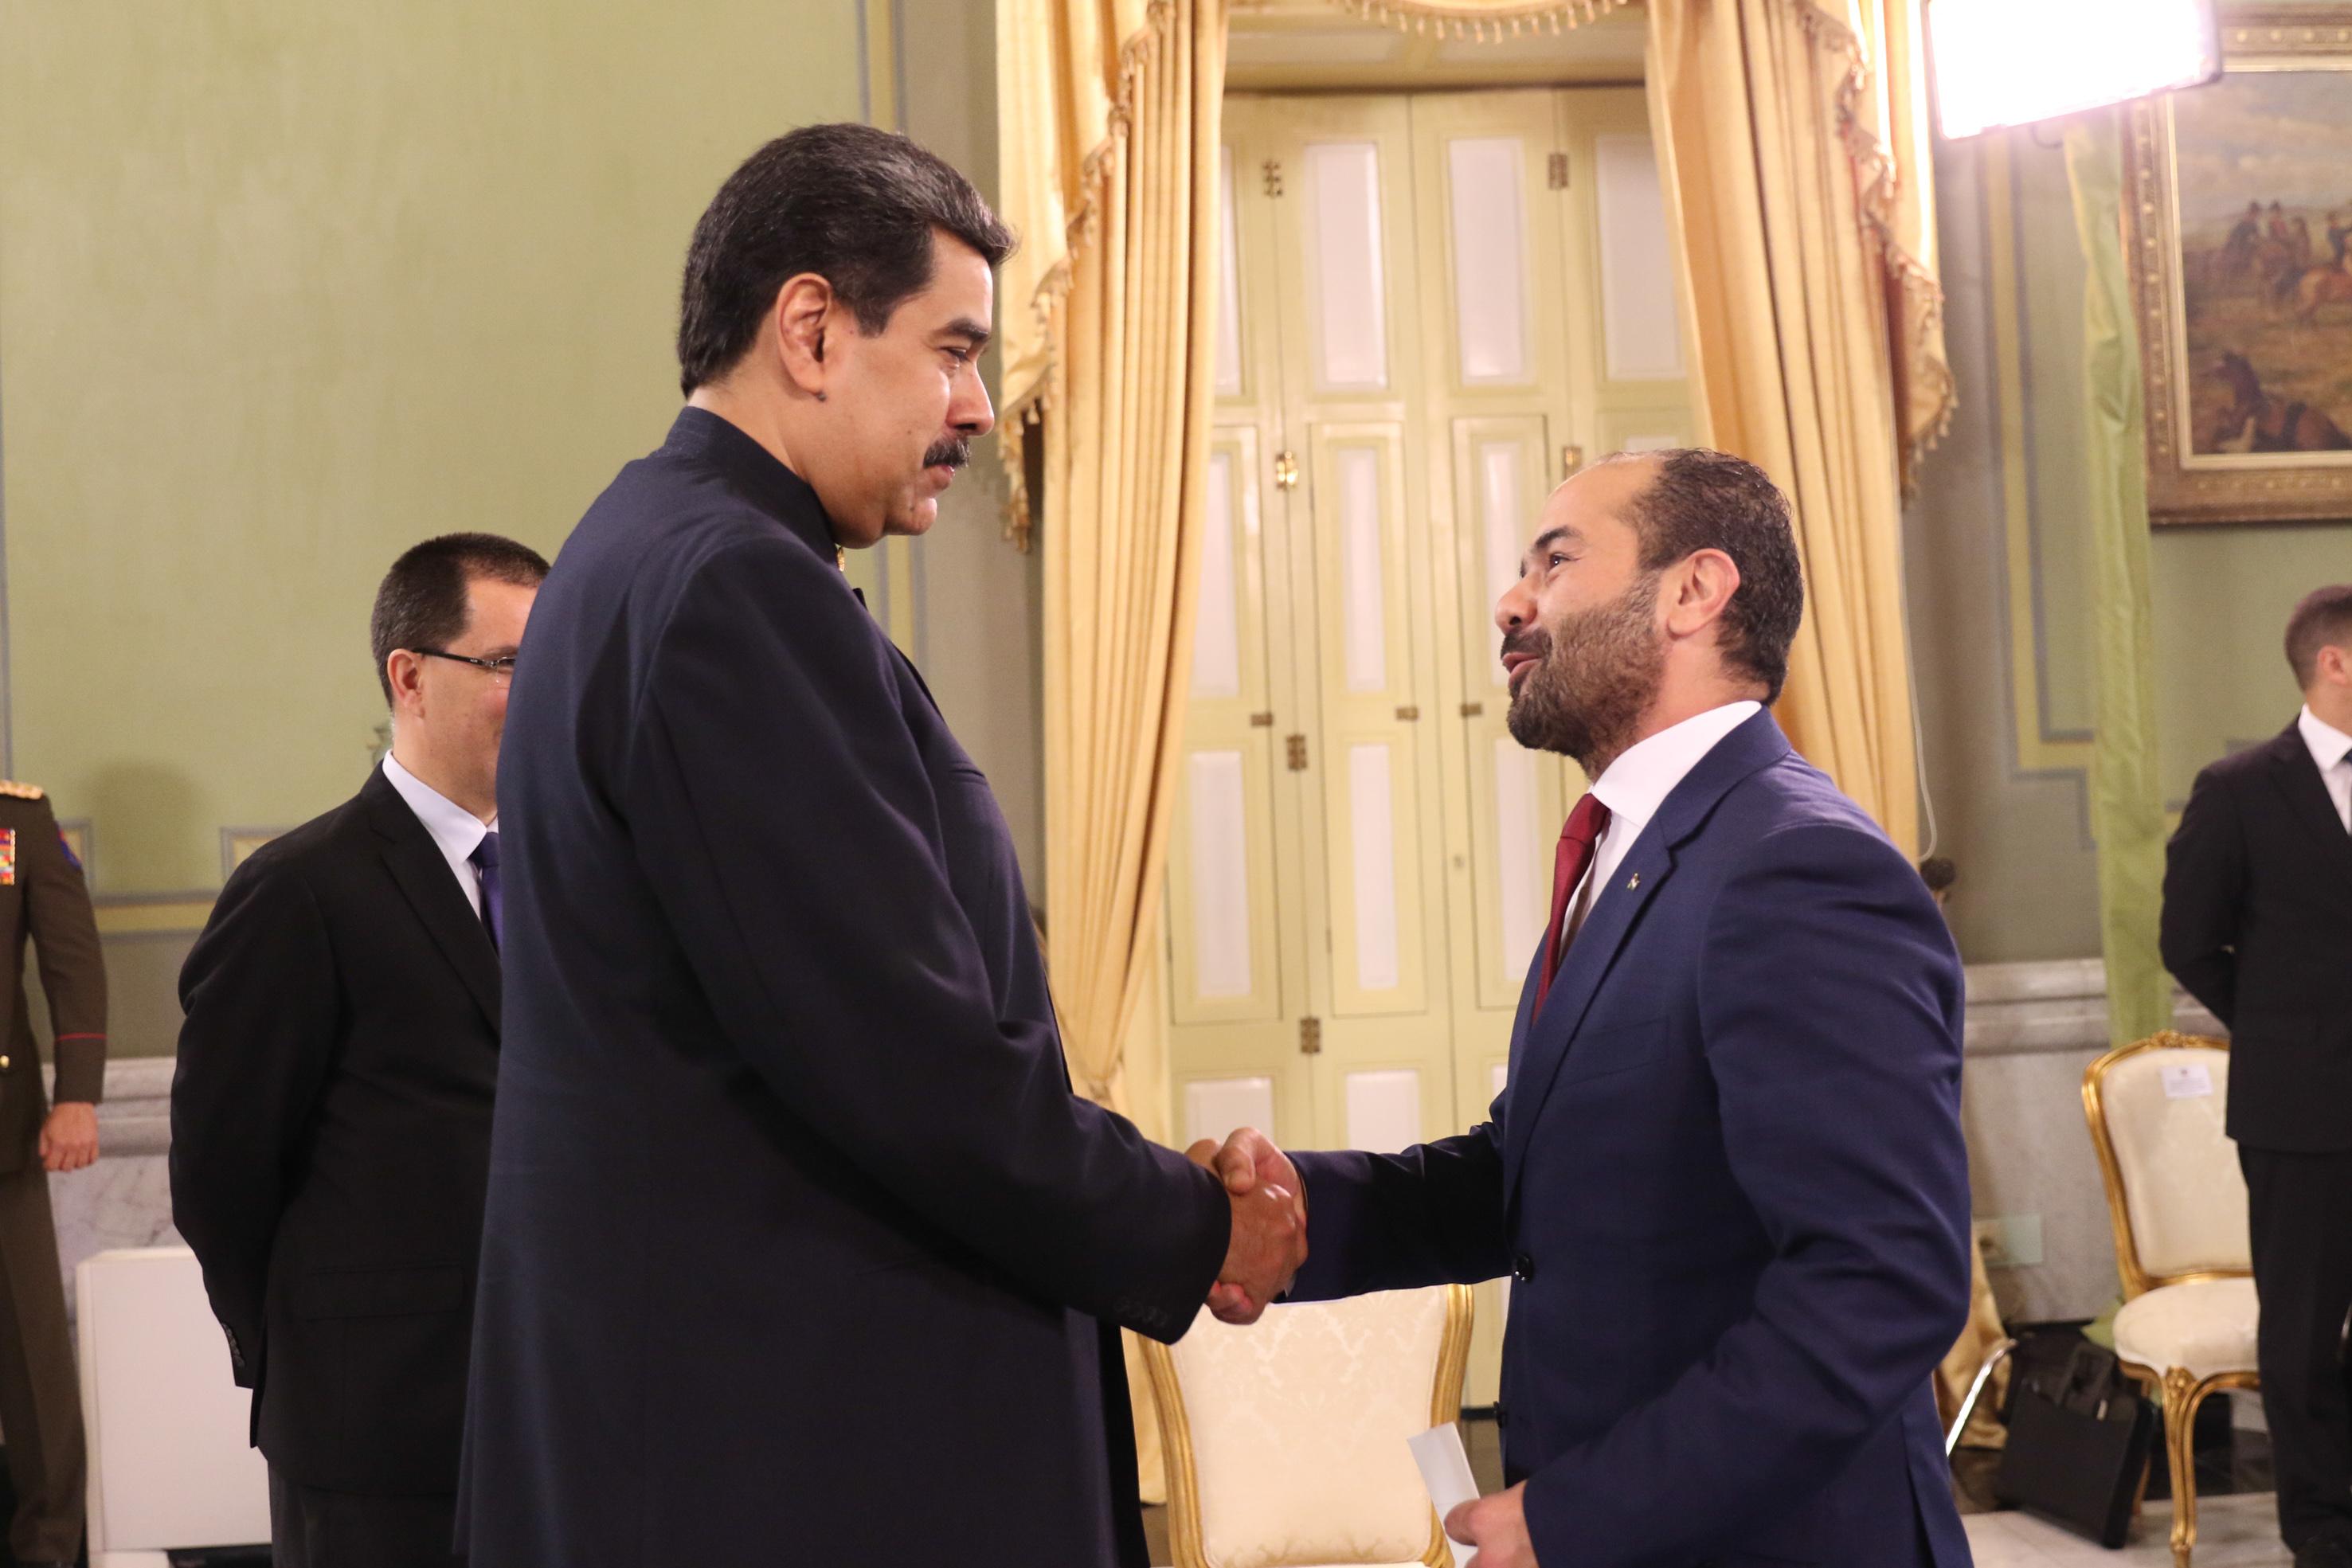 Presidente Maduro recibe cartas credenciales del Embajador de Palestina